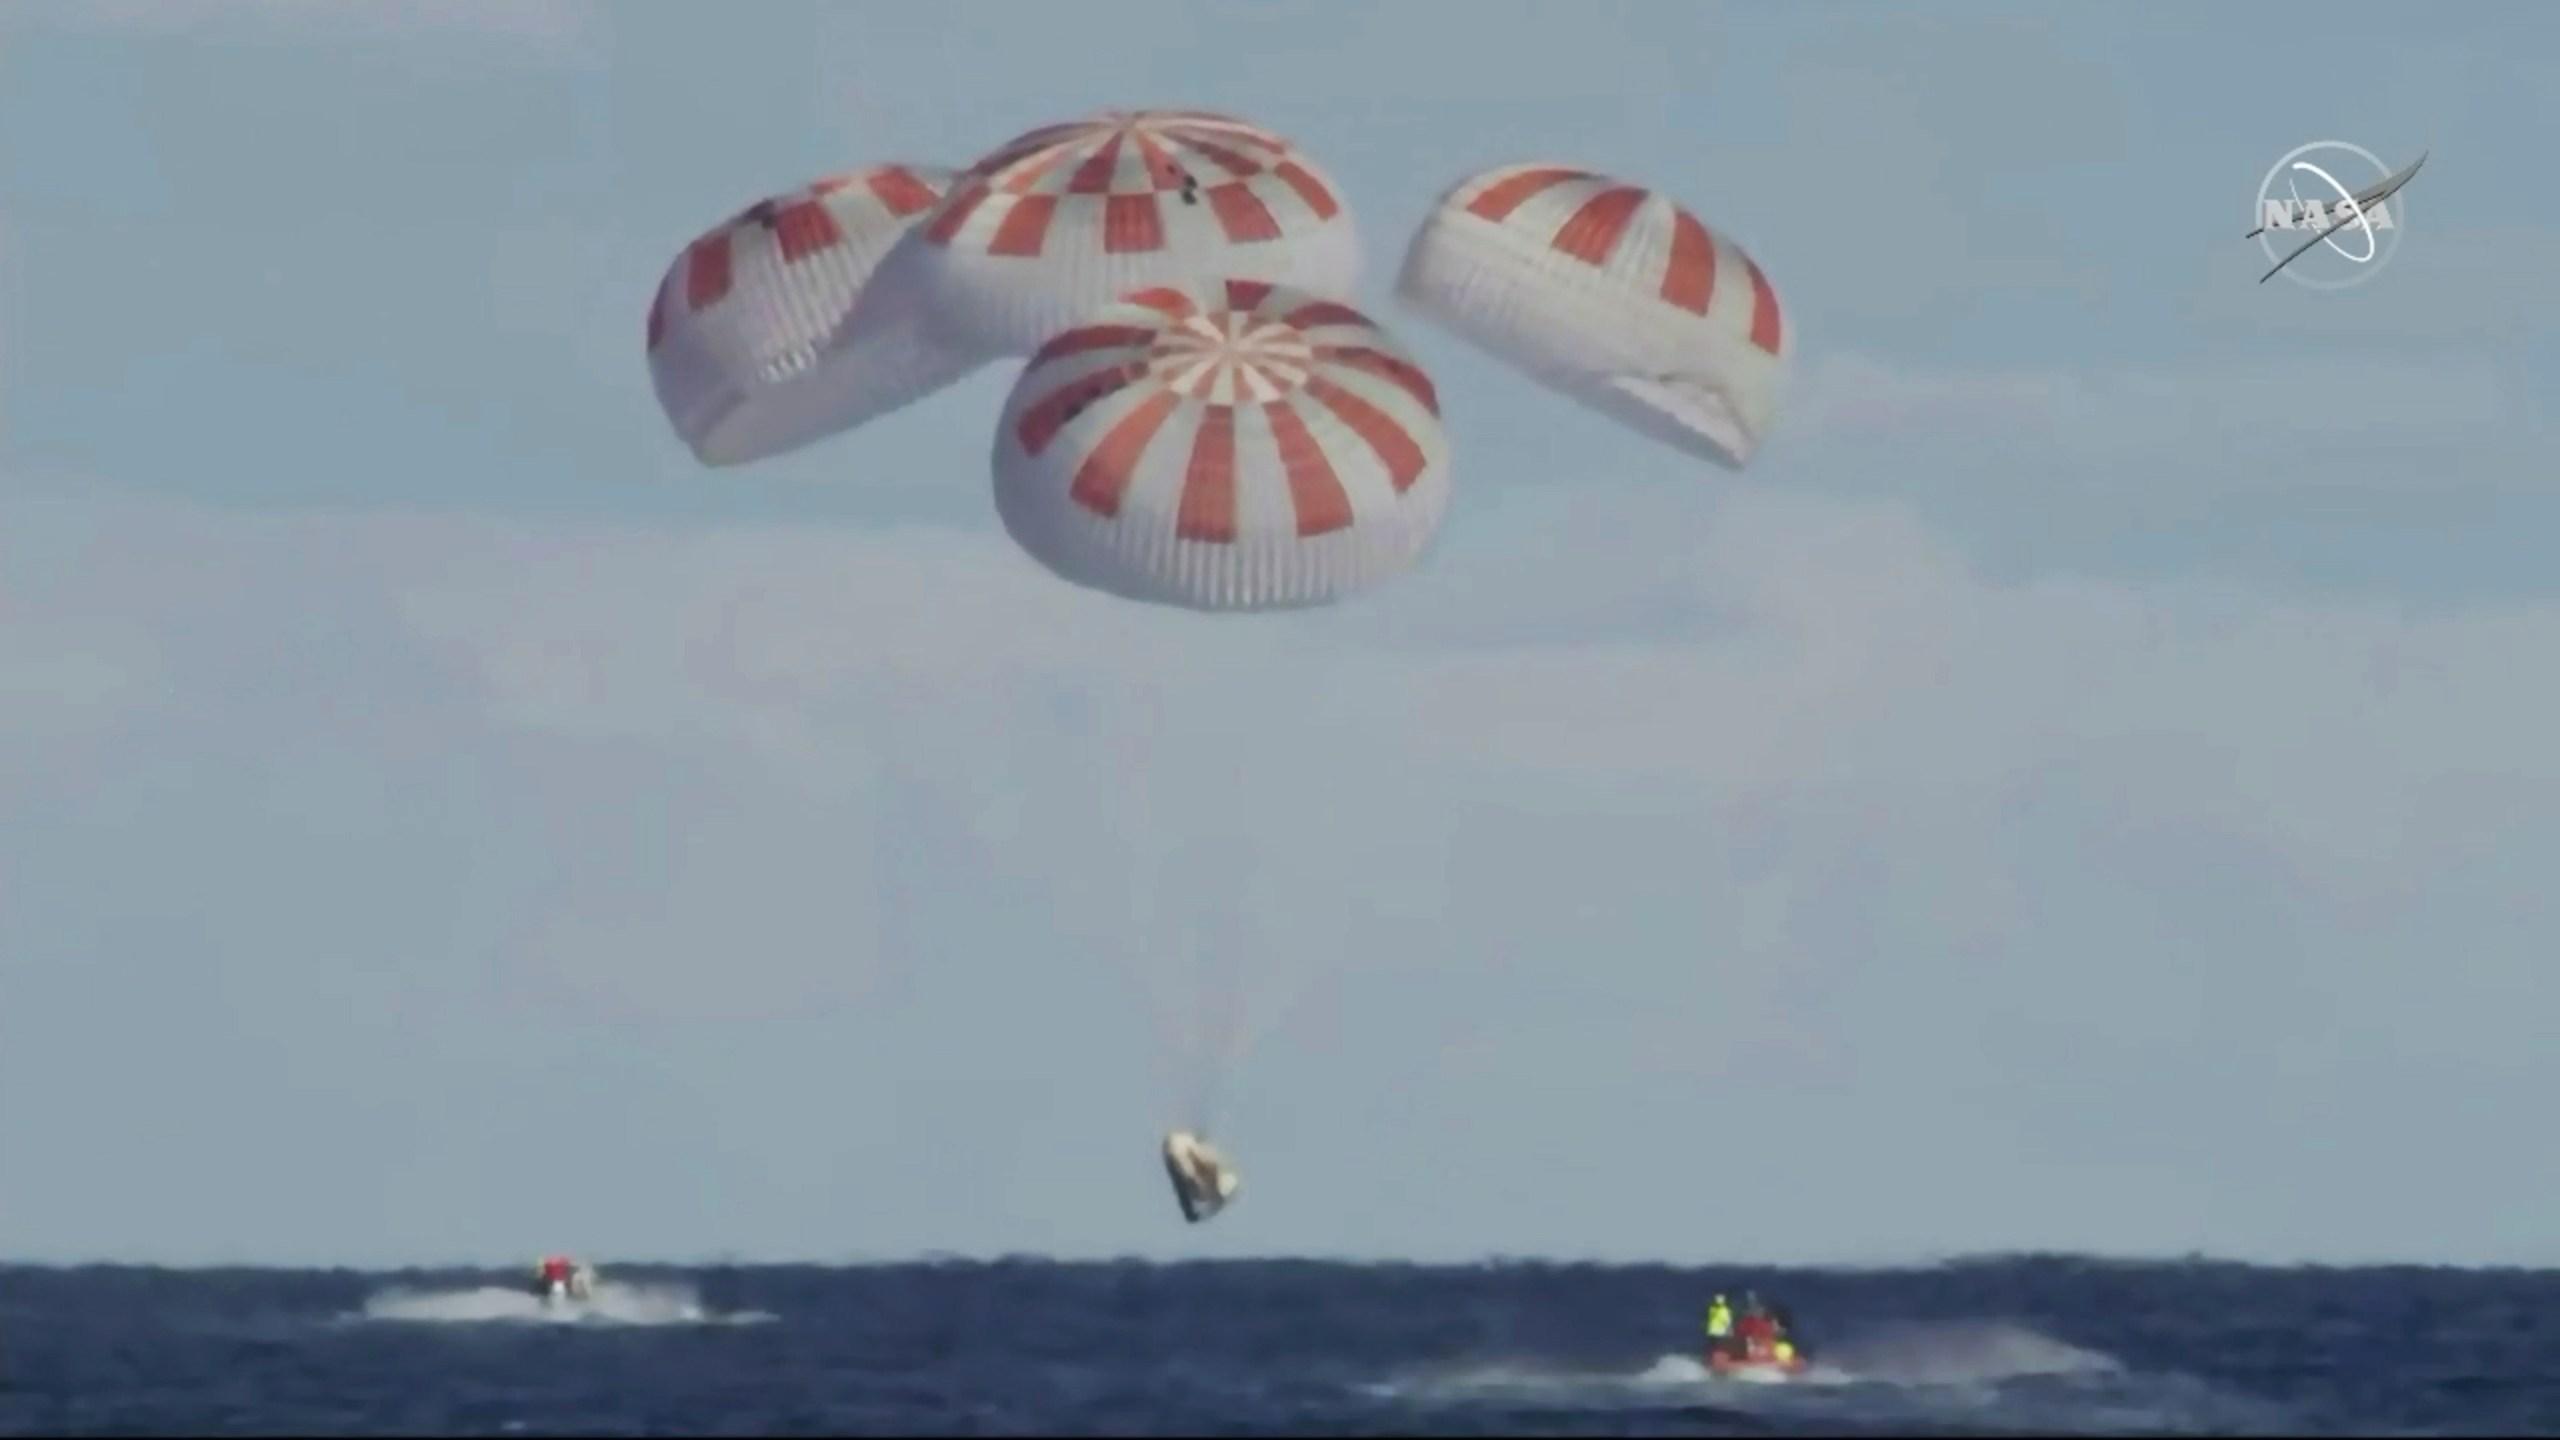 SpaceX_Crew_Capsule_36484-159532.jpg13263192